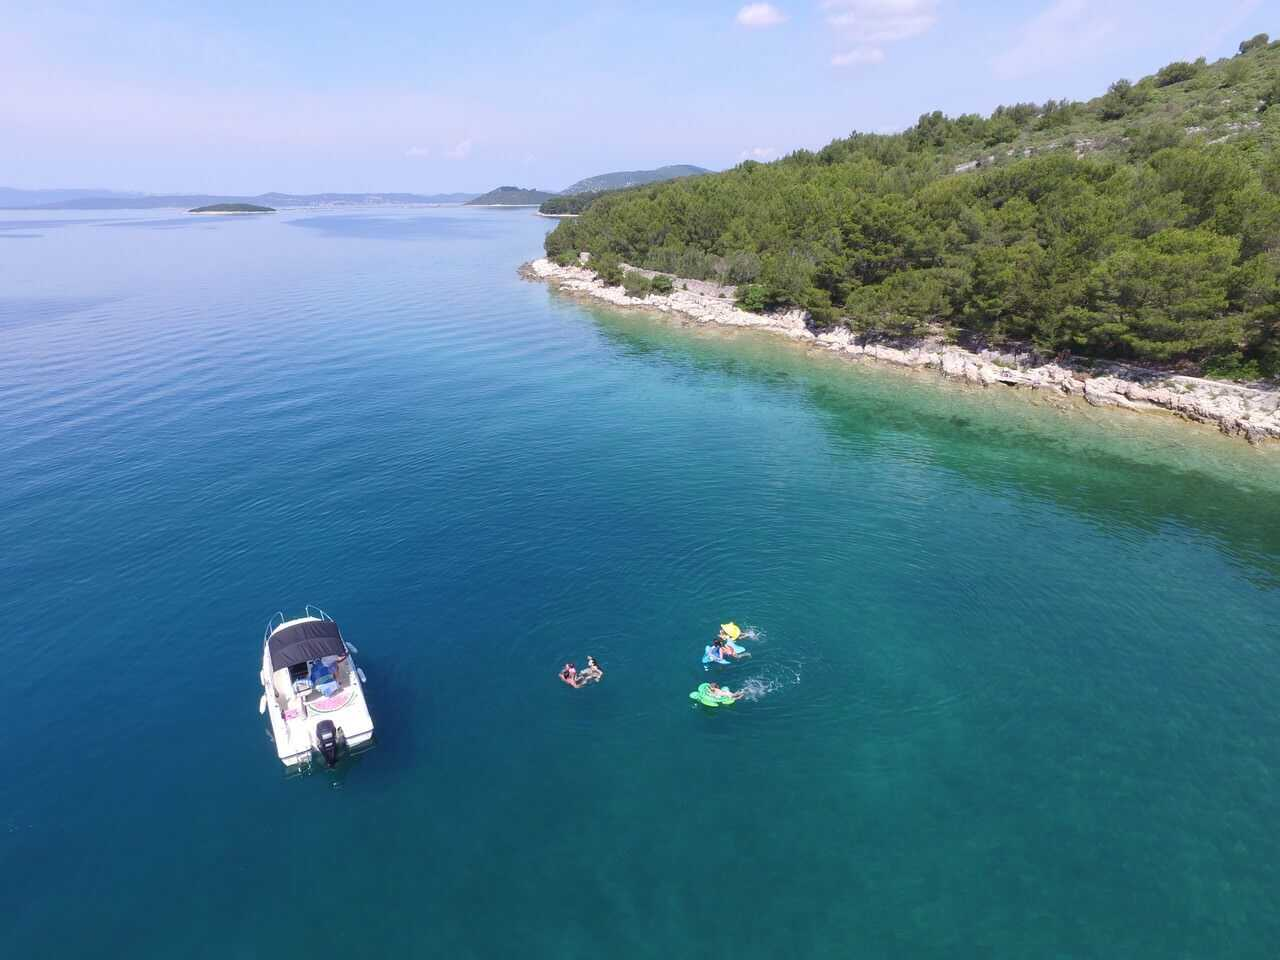 Découvrez les Kornati de façon unique en snorkeling et bouée tractée : faîtes le plein de sensations avec Topic 2